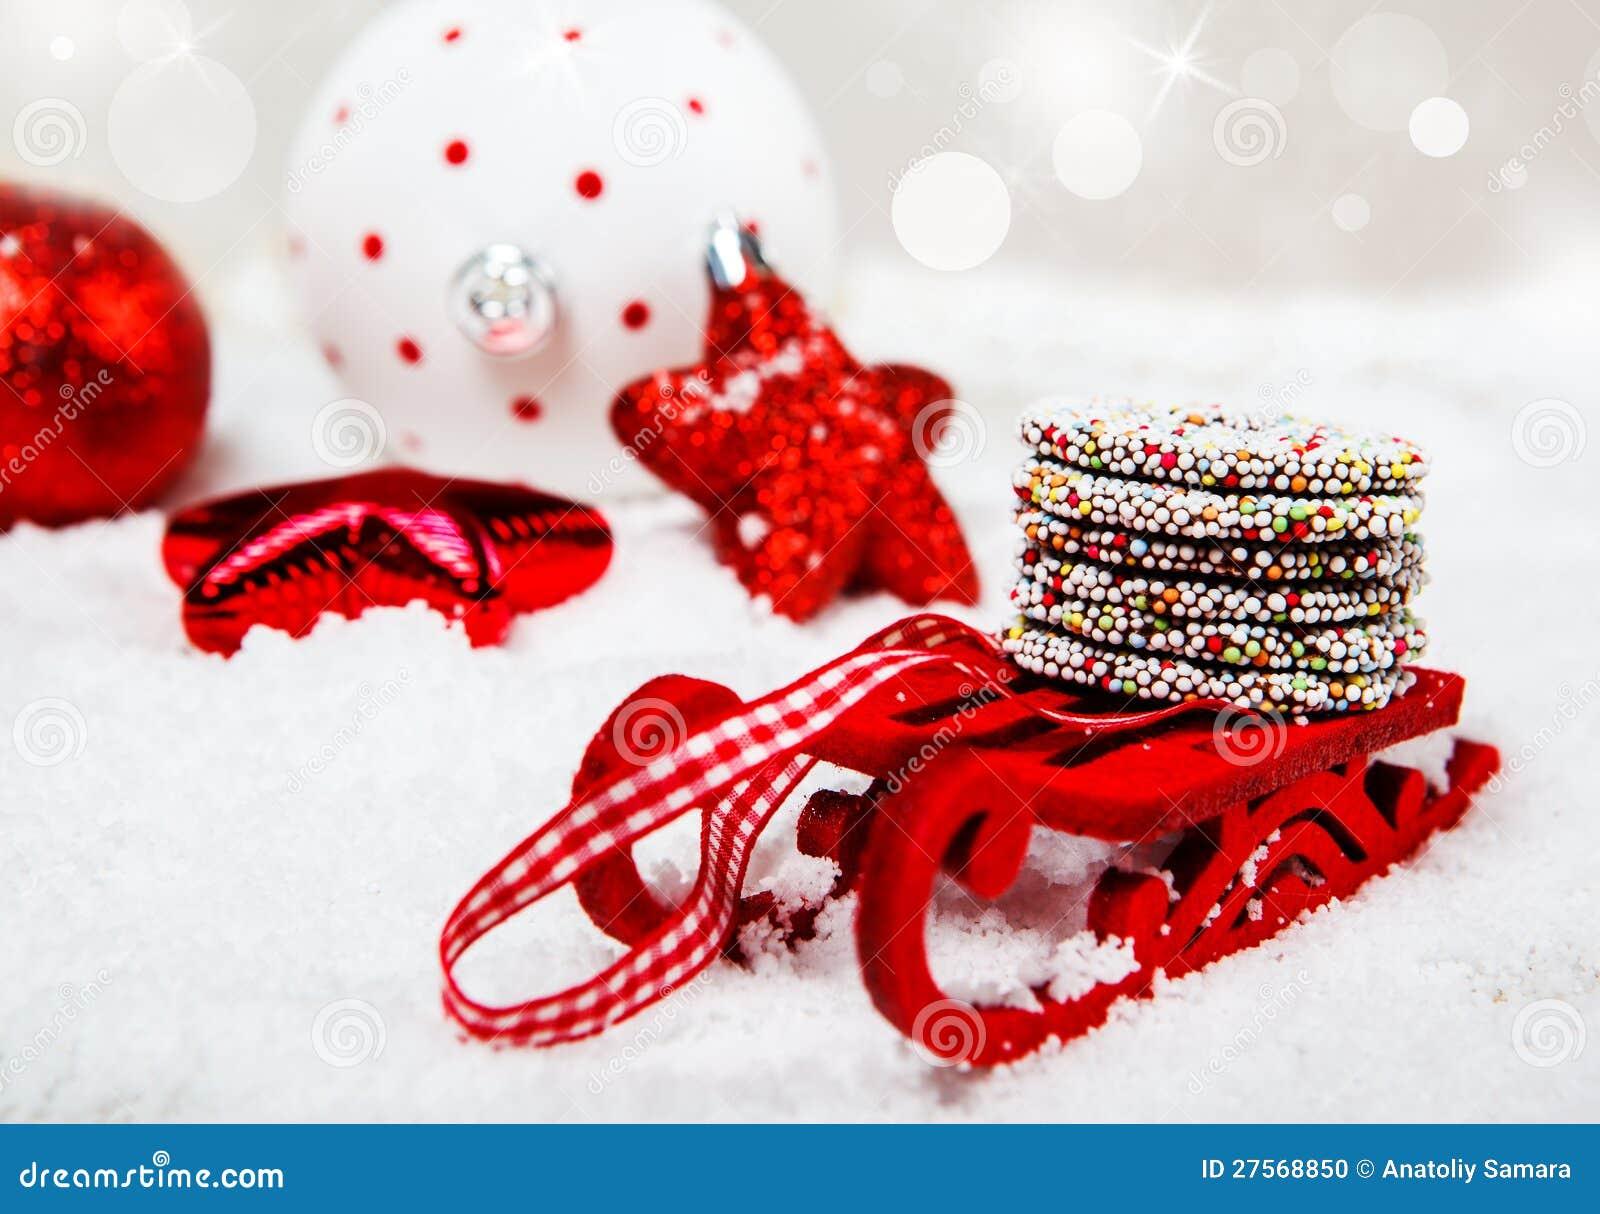 Weihnachtsschlitten stockfoto. Bild von jahreszeit, feier - 27568850